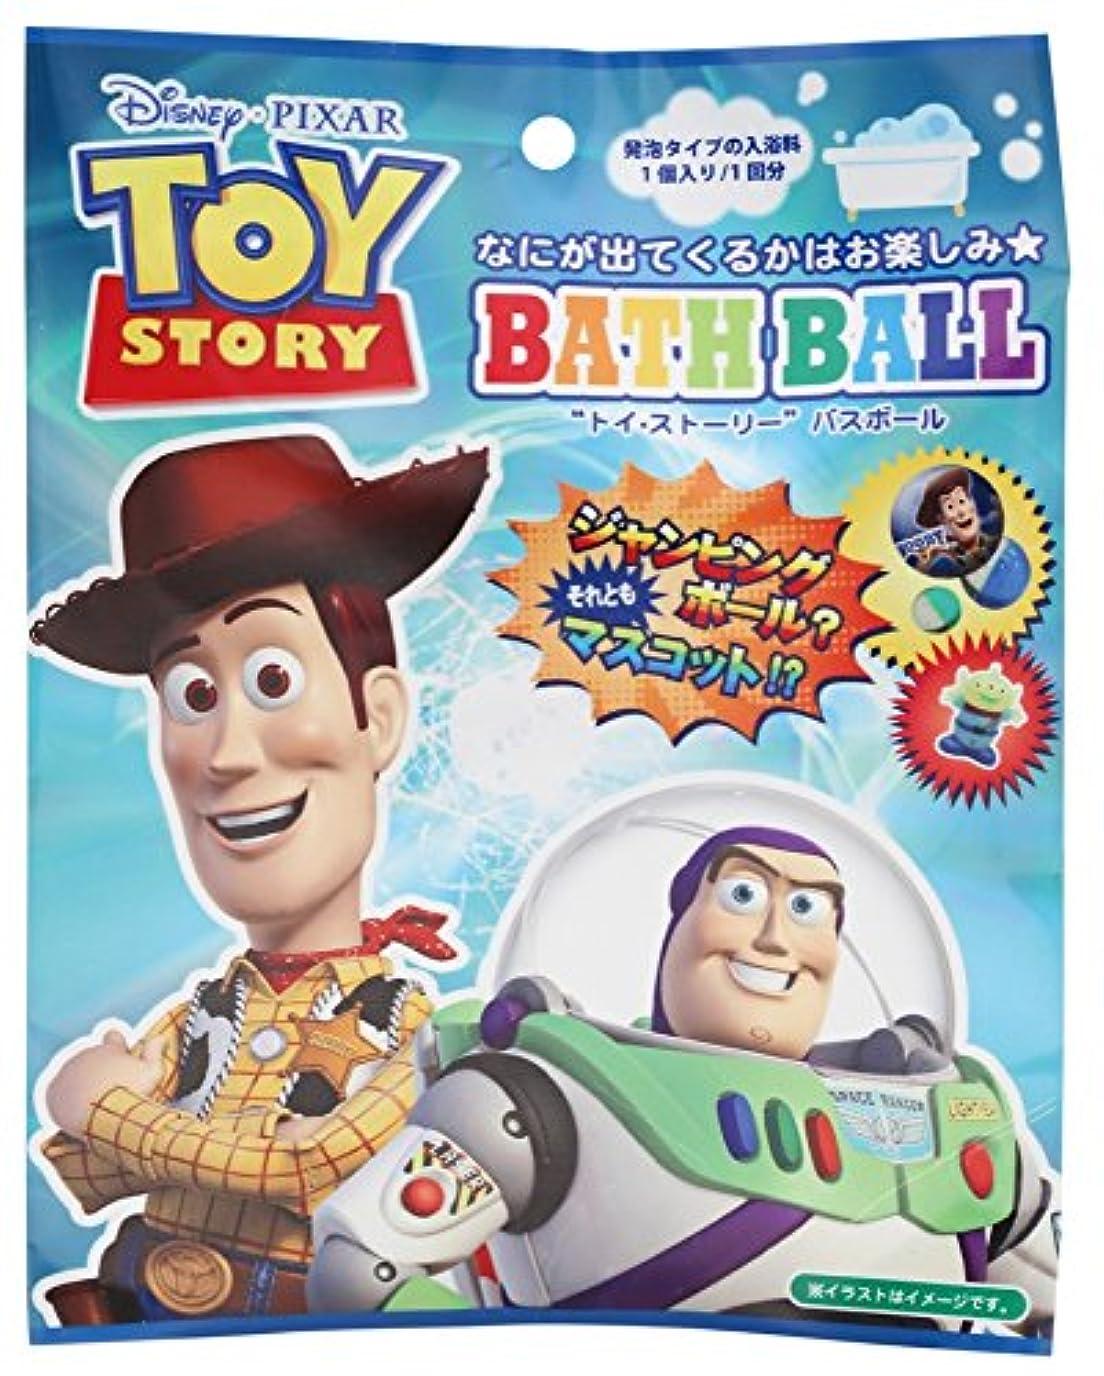 ディズニー 入浴剤 トイストーリーバスボール おまけ付き DIP-80-01